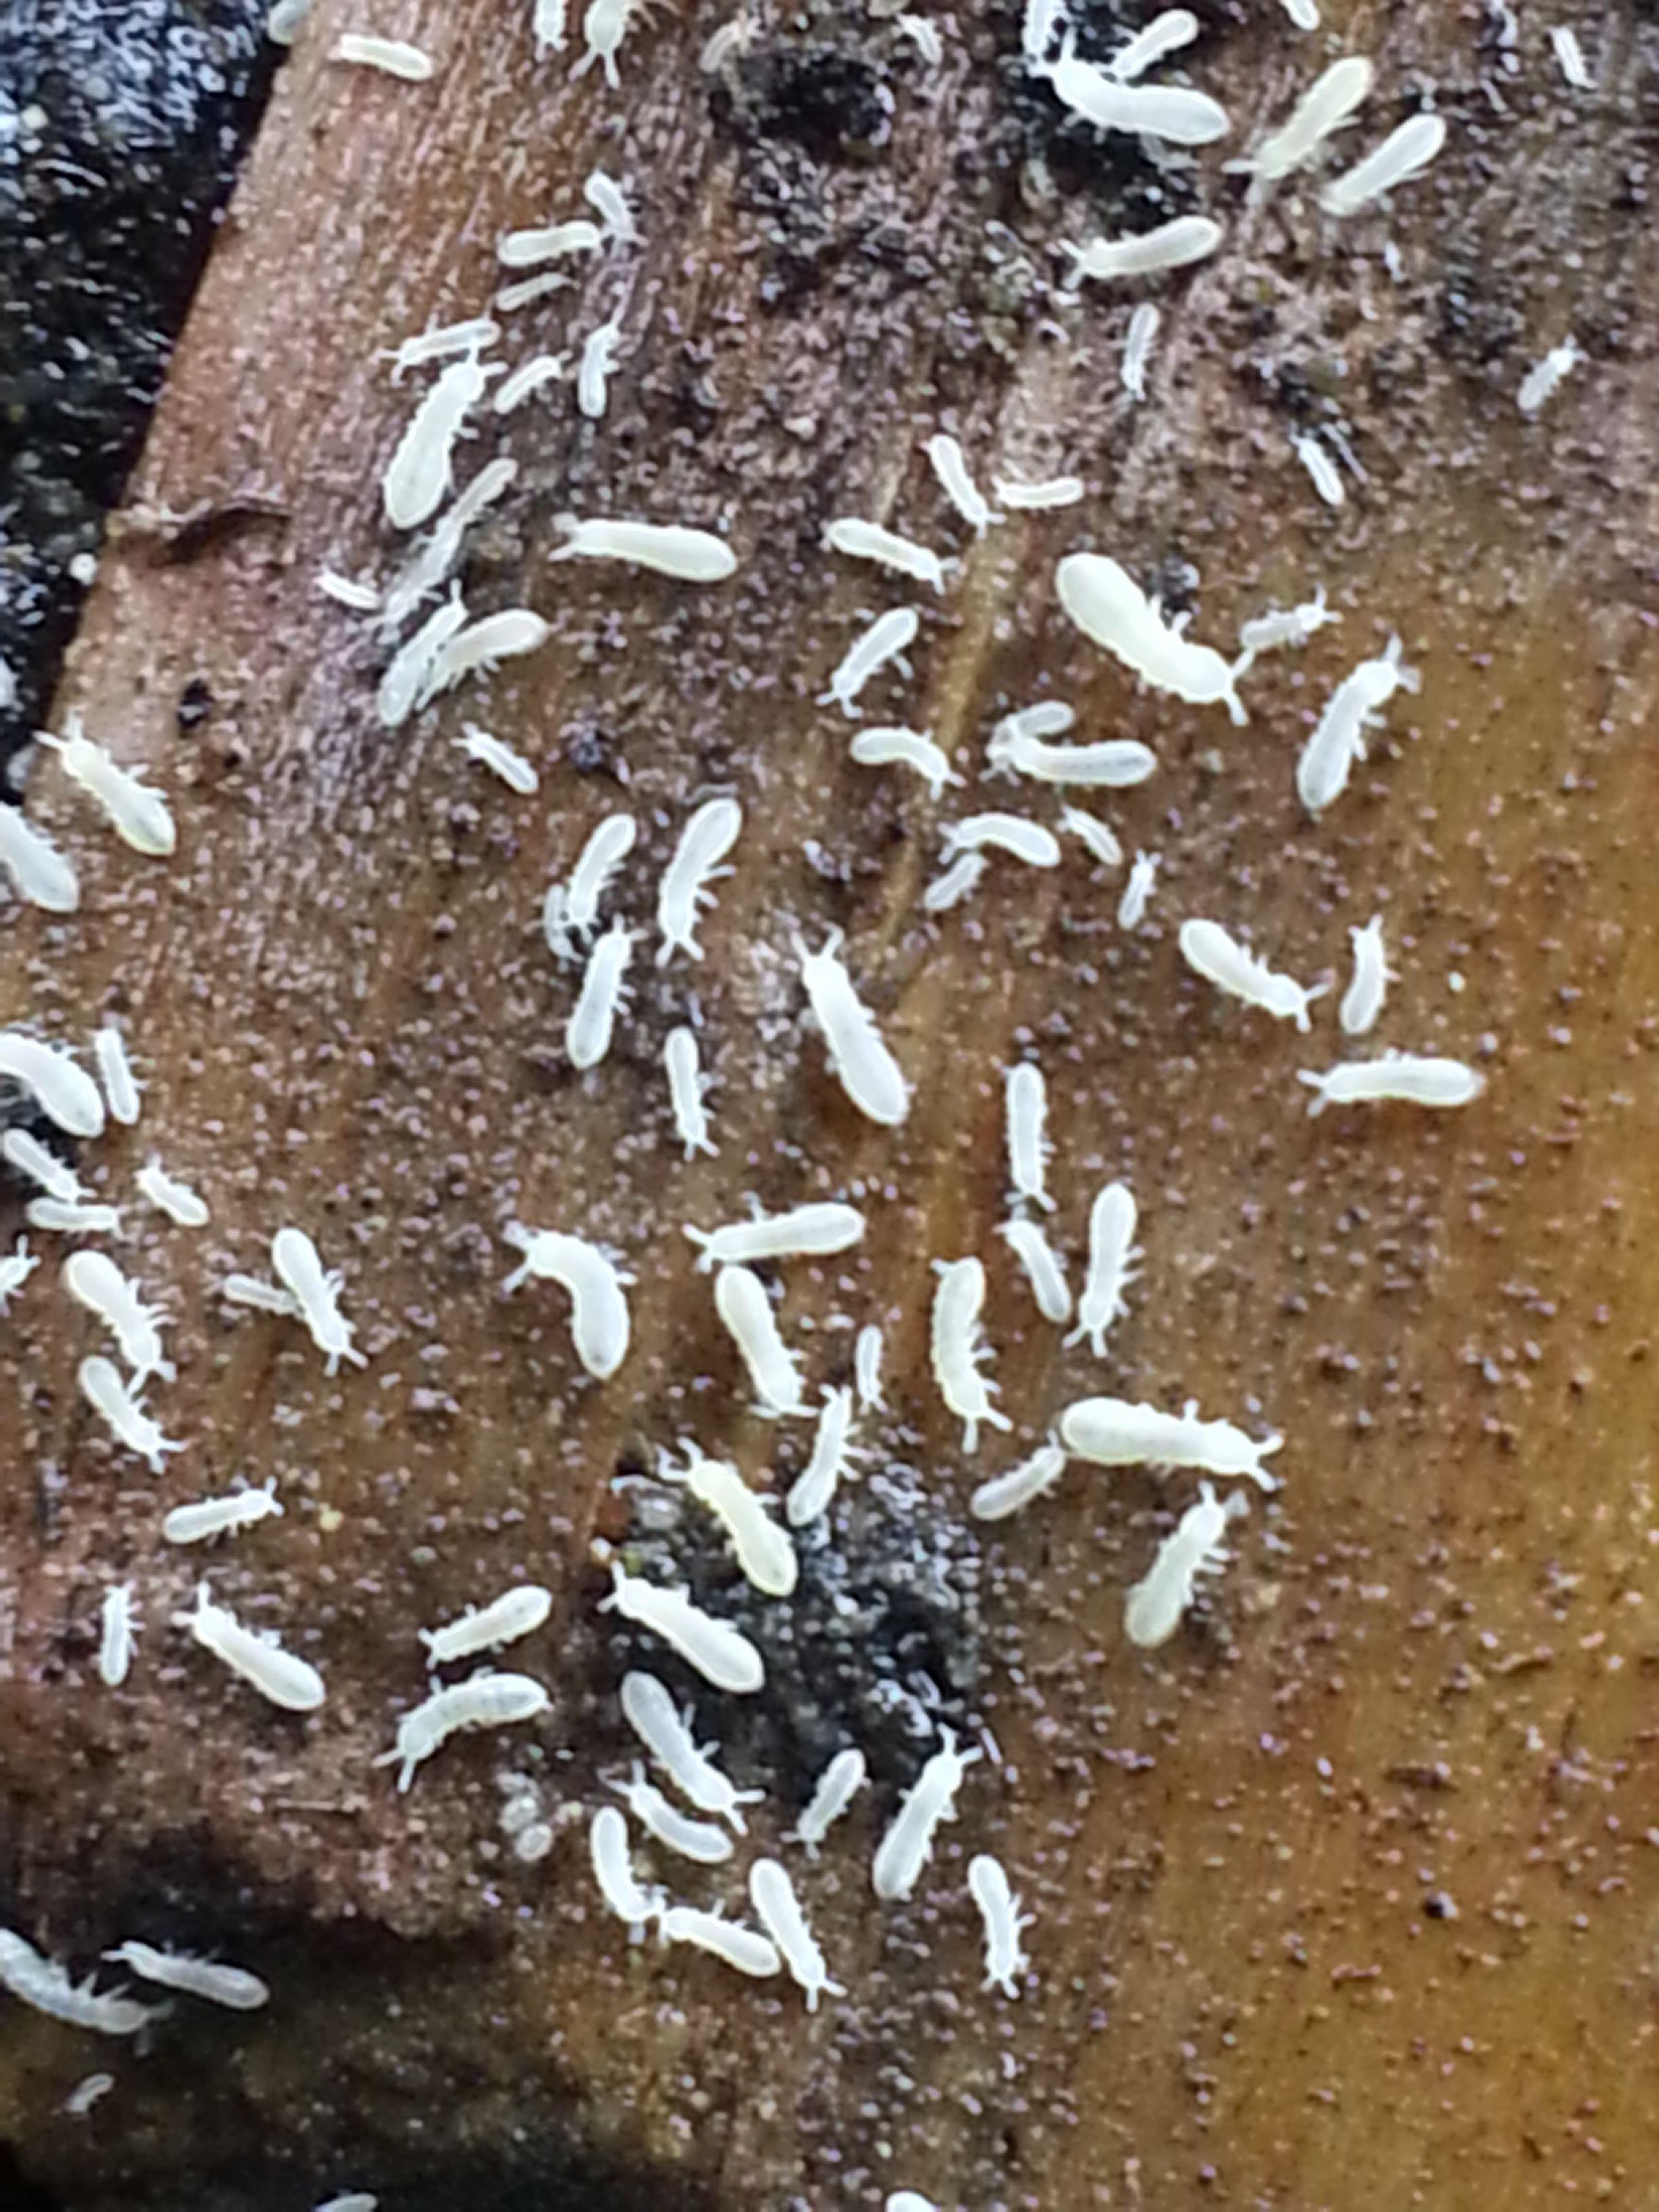 Cría y reproducción de cucarachas.....si!! cucarachas!!!! Pcnt